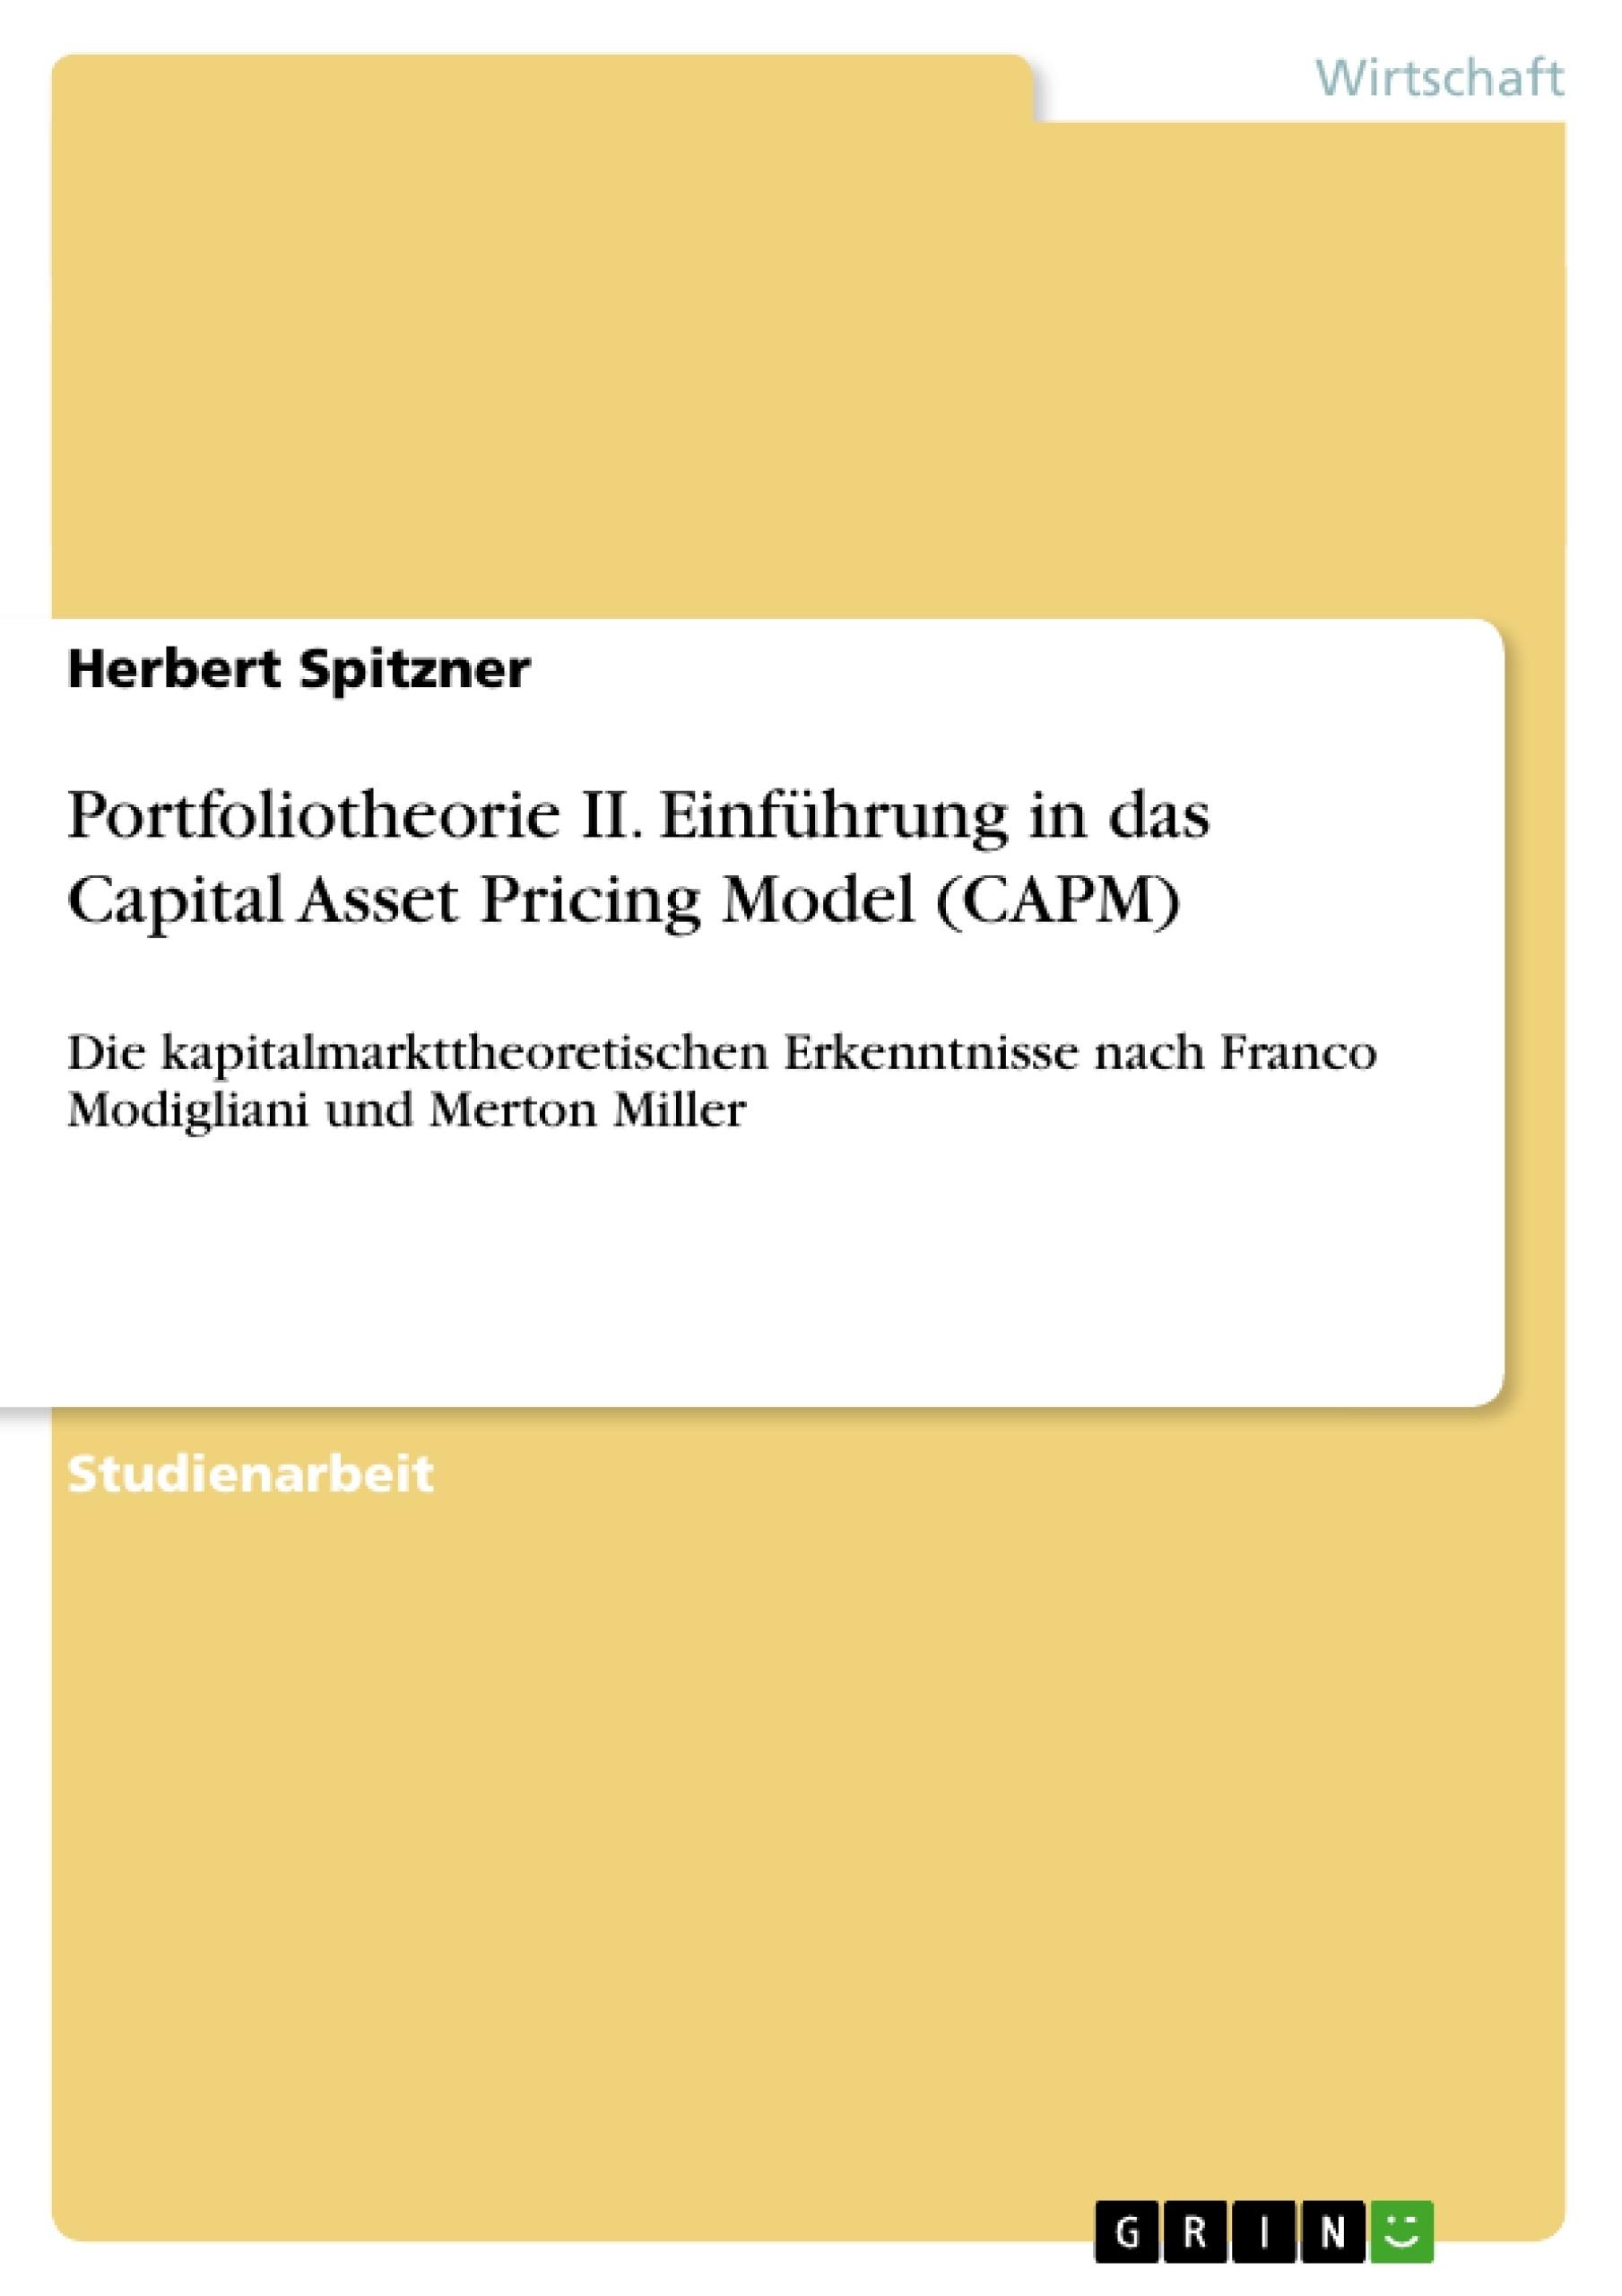 Titel: Portfoliotheorie II. Einführung in das Capital Asset Pricing Model (CAPM)